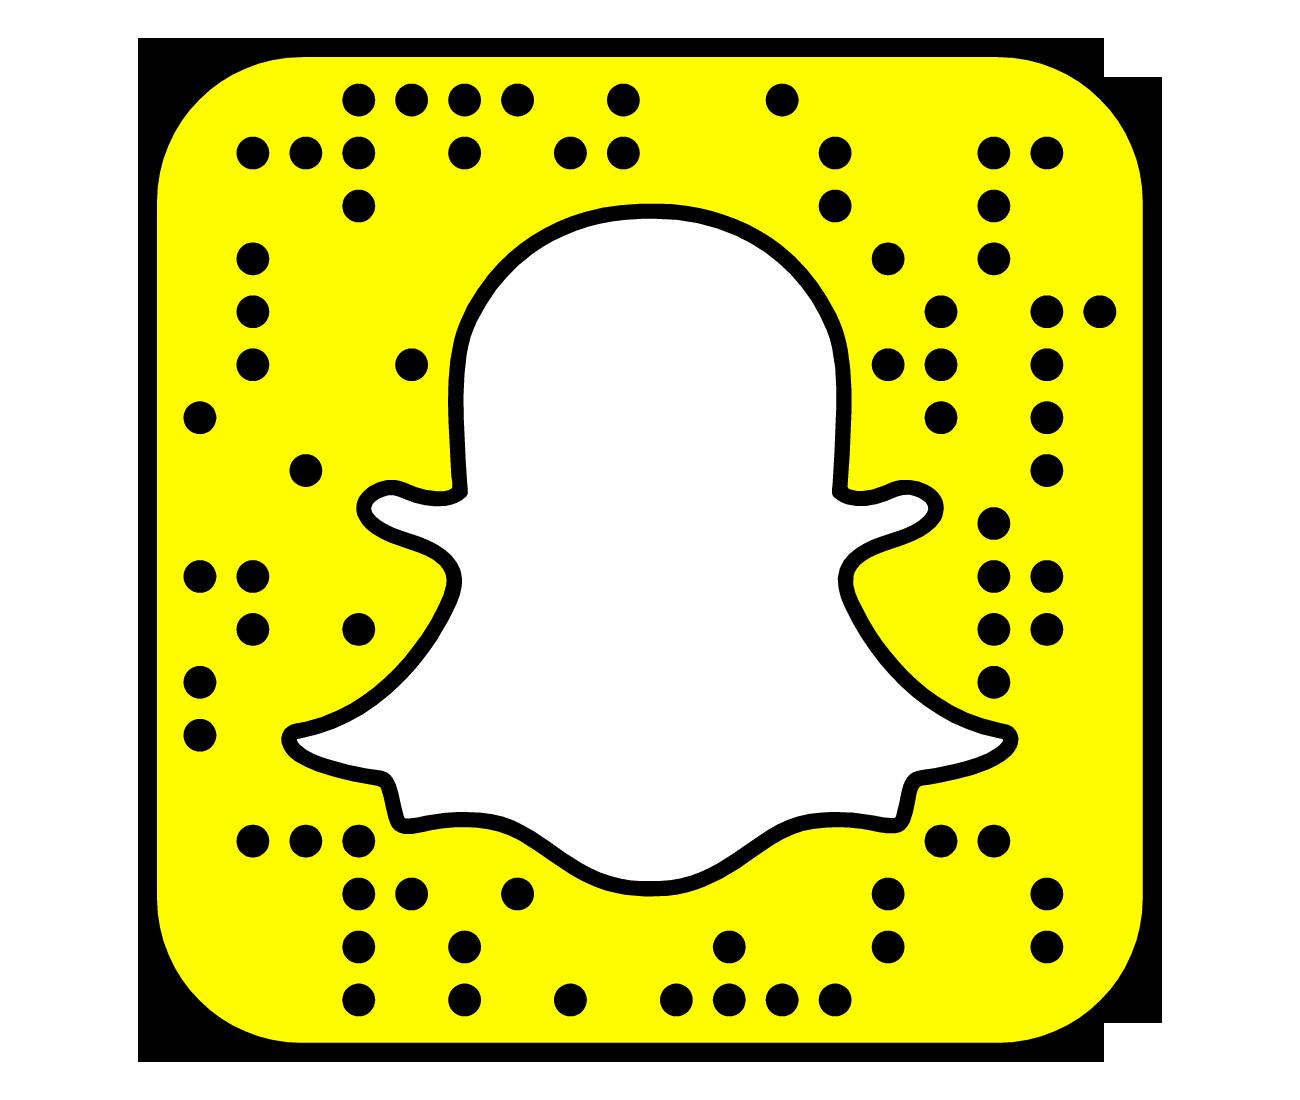 snapchat logo transparent | Snapchat logo, Snapchat names ... - Custom Snapchat Icon